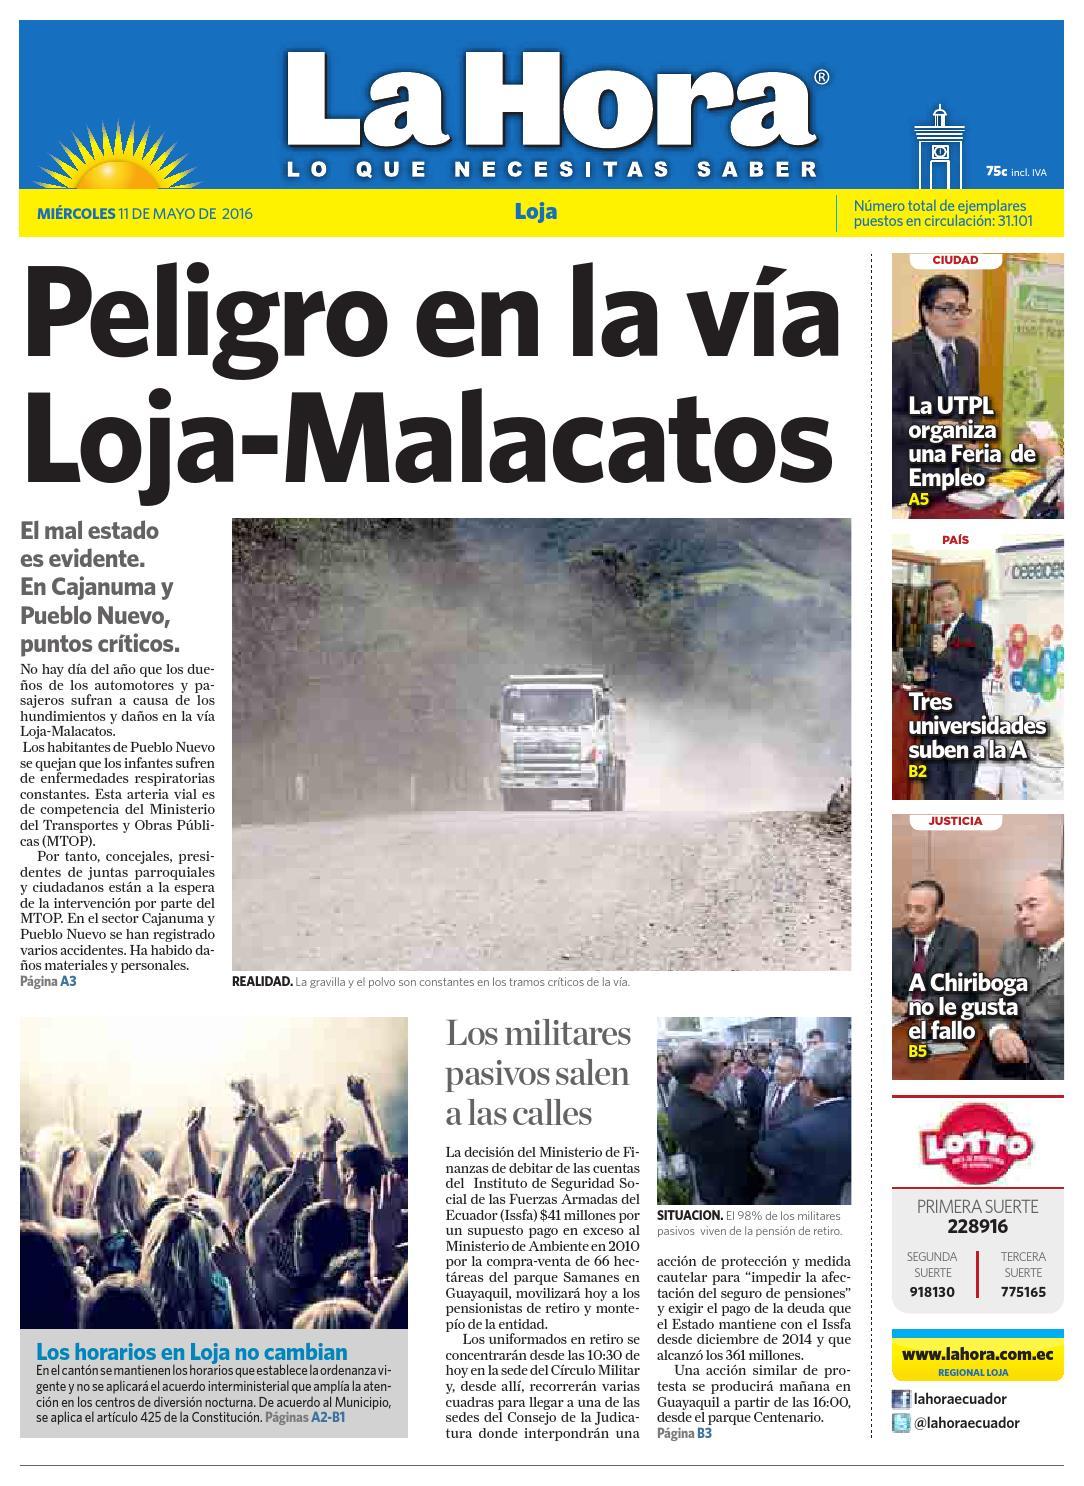 Diario La Hora Loja 11 de Mayo 2016 by Diario La Hora Ecuador - issuu